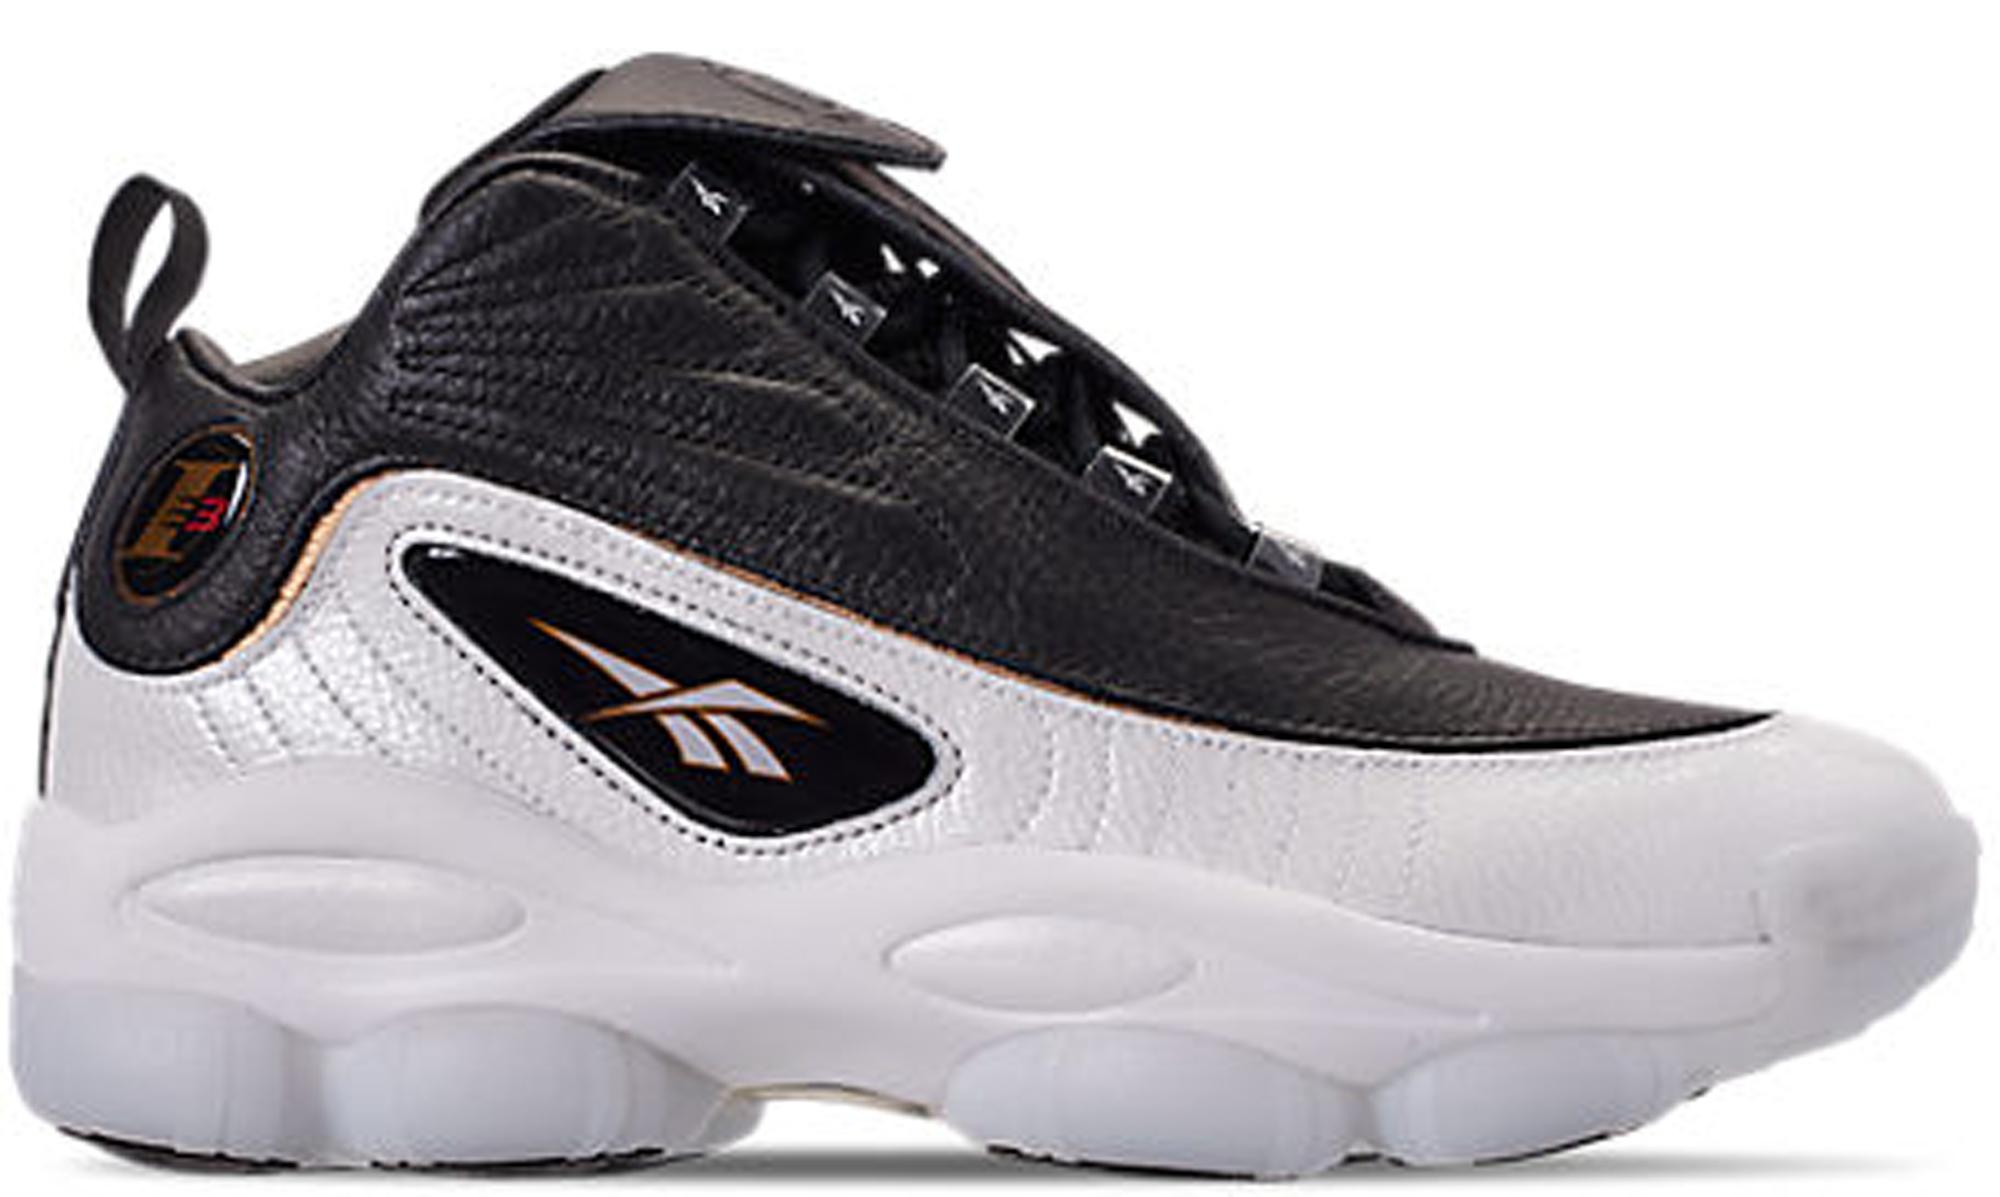 Reebok Iverson Legacy Black White - CN8222